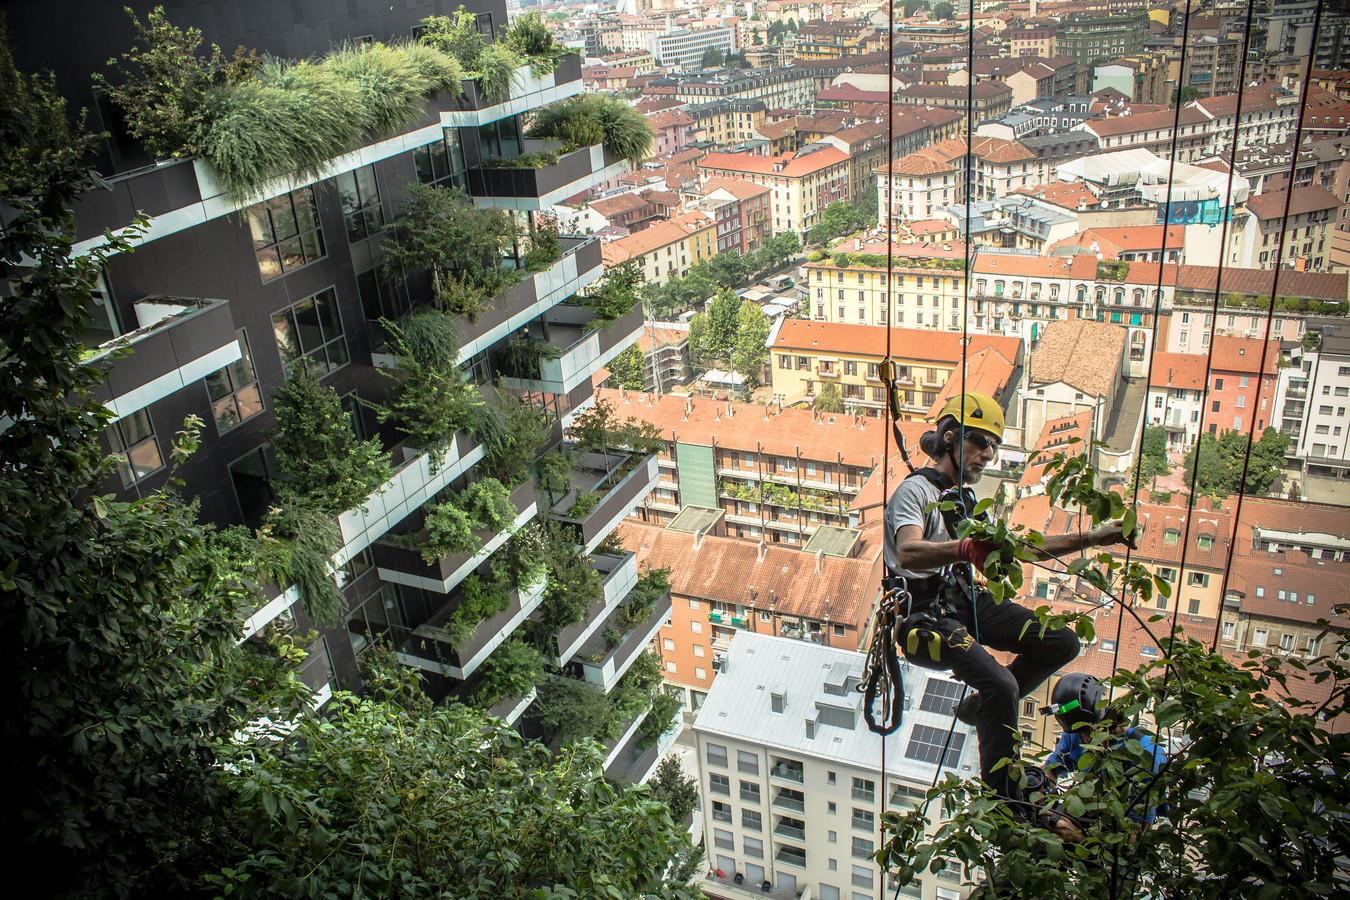 Een hangende tuinman onderhoudt het verticale bos in Milaan. Over enkele jaren zijn soortgelijke taferelen ook aan de Croeselaan in Utrecht te zien bij Wonderwoods.